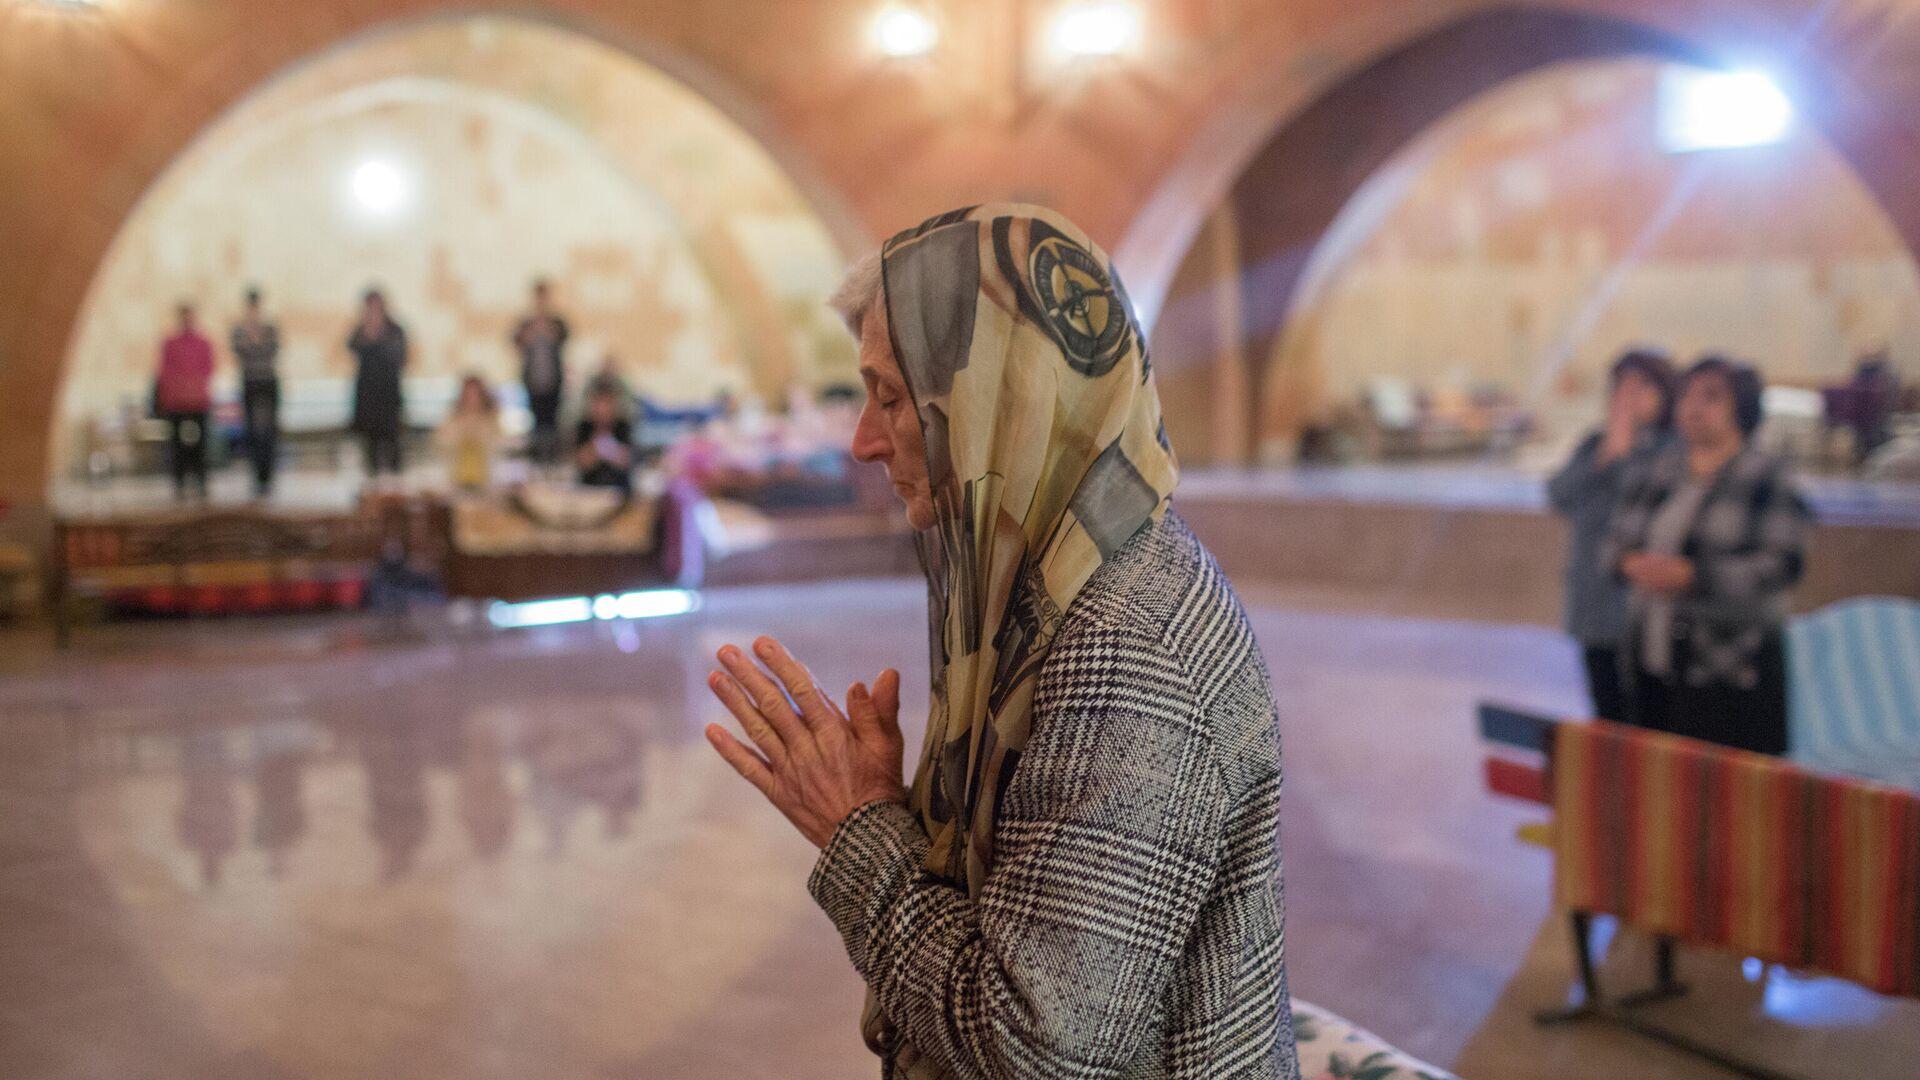 Местные жители прячутся от обстрелов в одной из церквей Нагорного Карабаха - РИА Новости, 1920, 14.11.2020